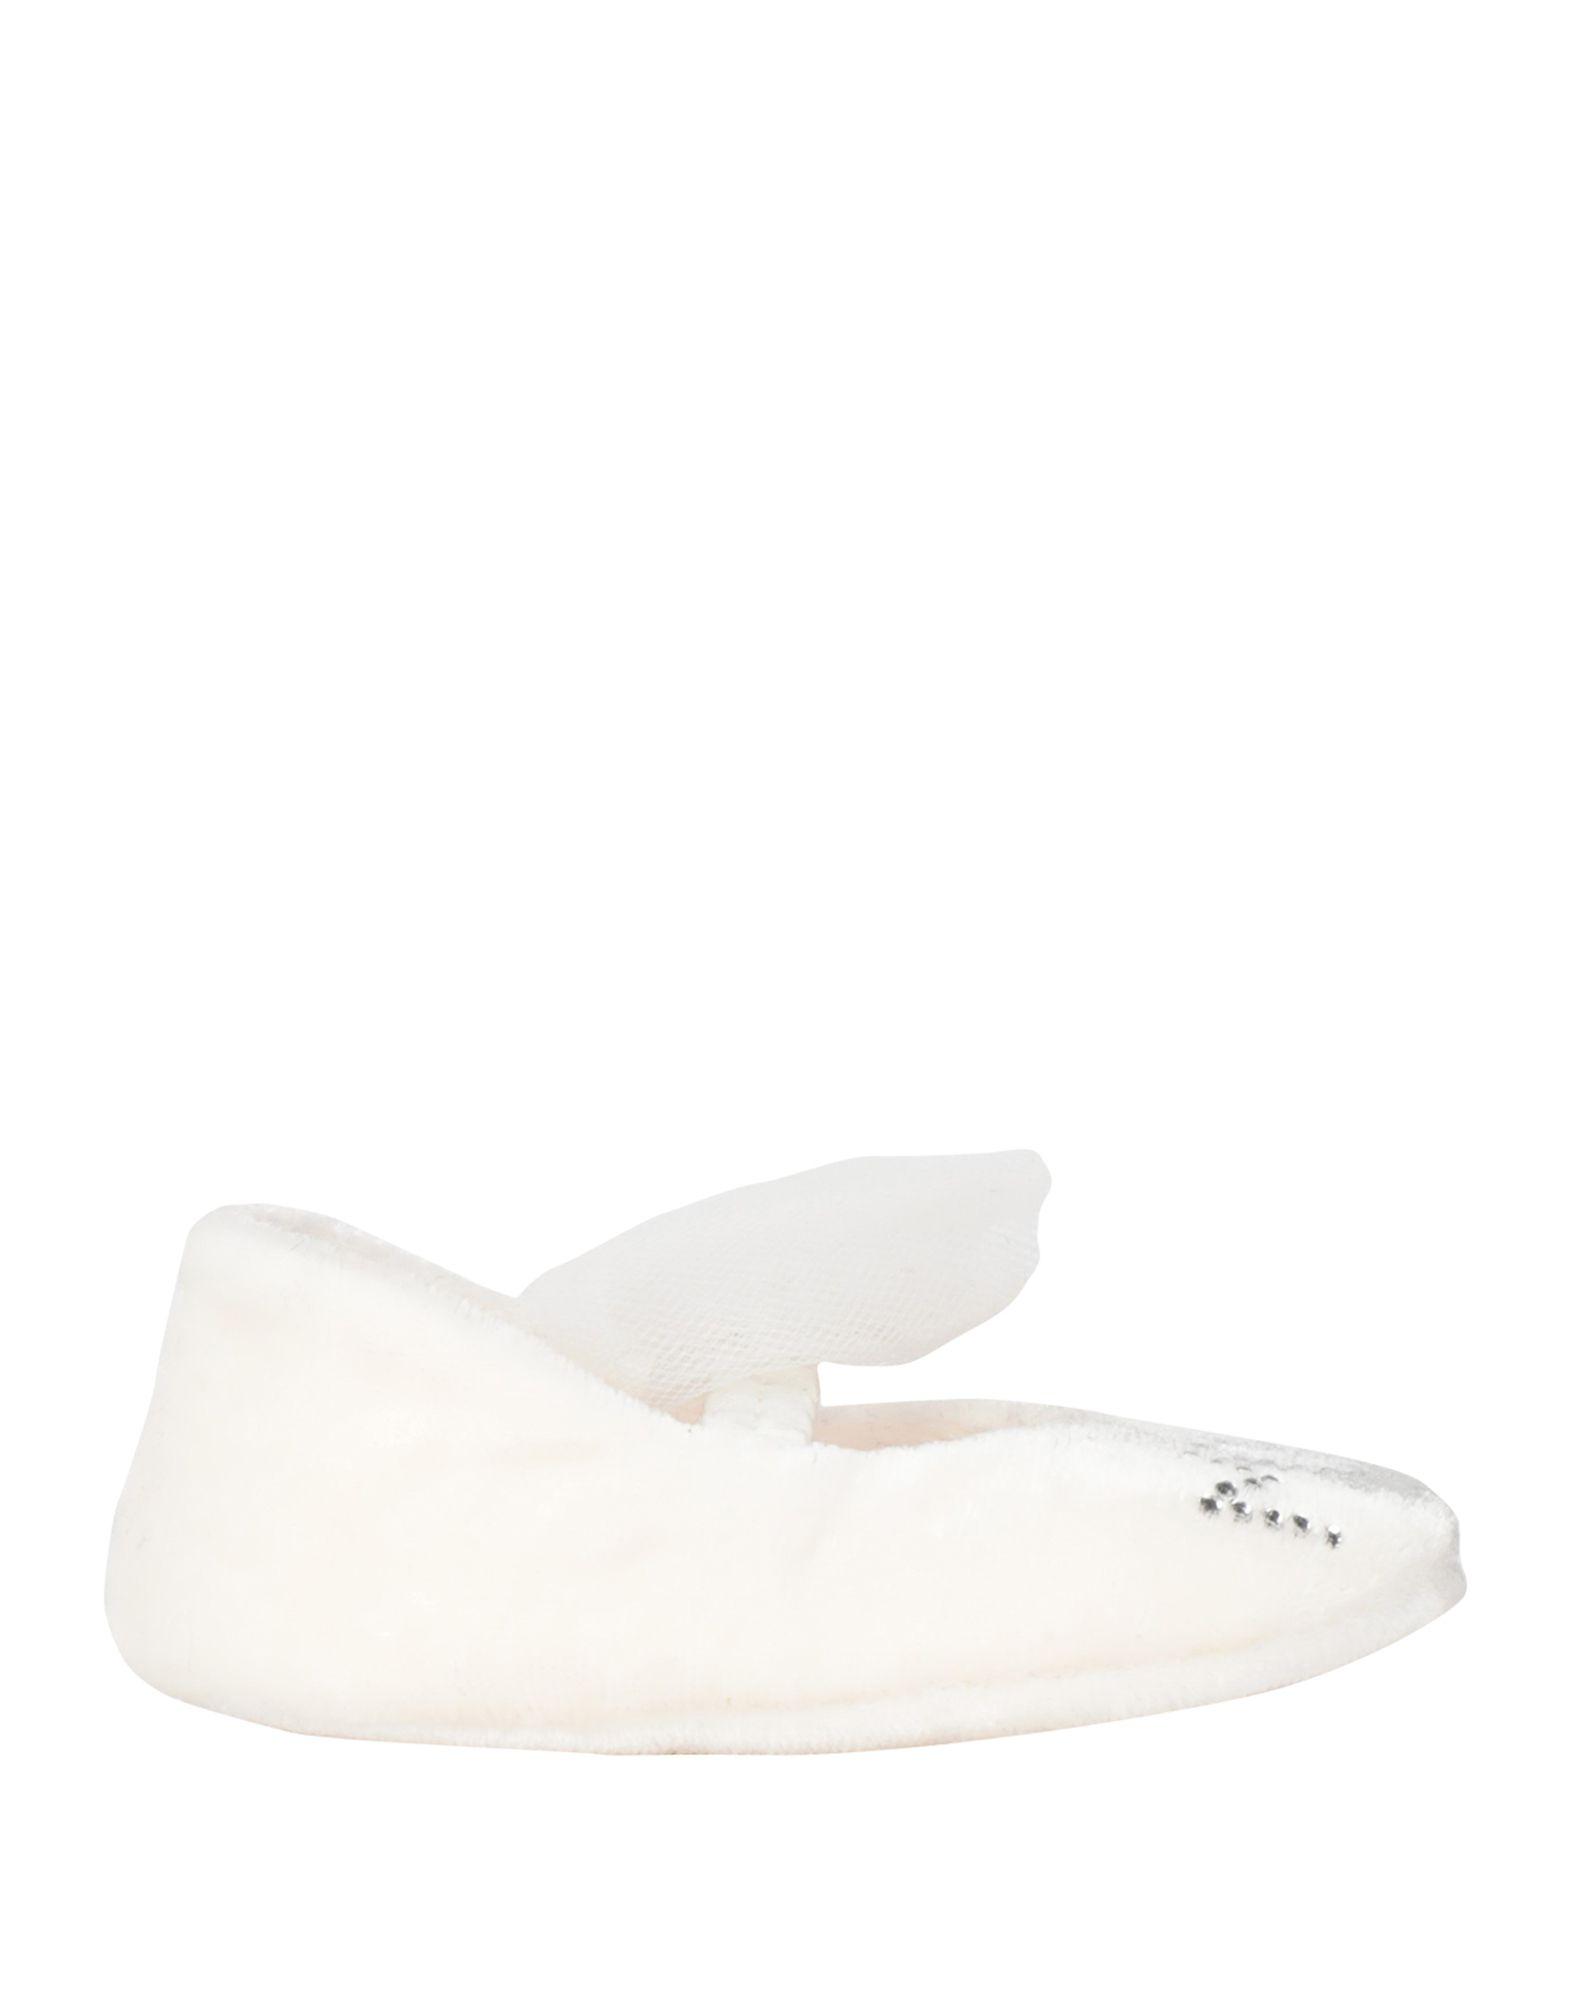 MONNALISA CHIC Обувь для новорожденных